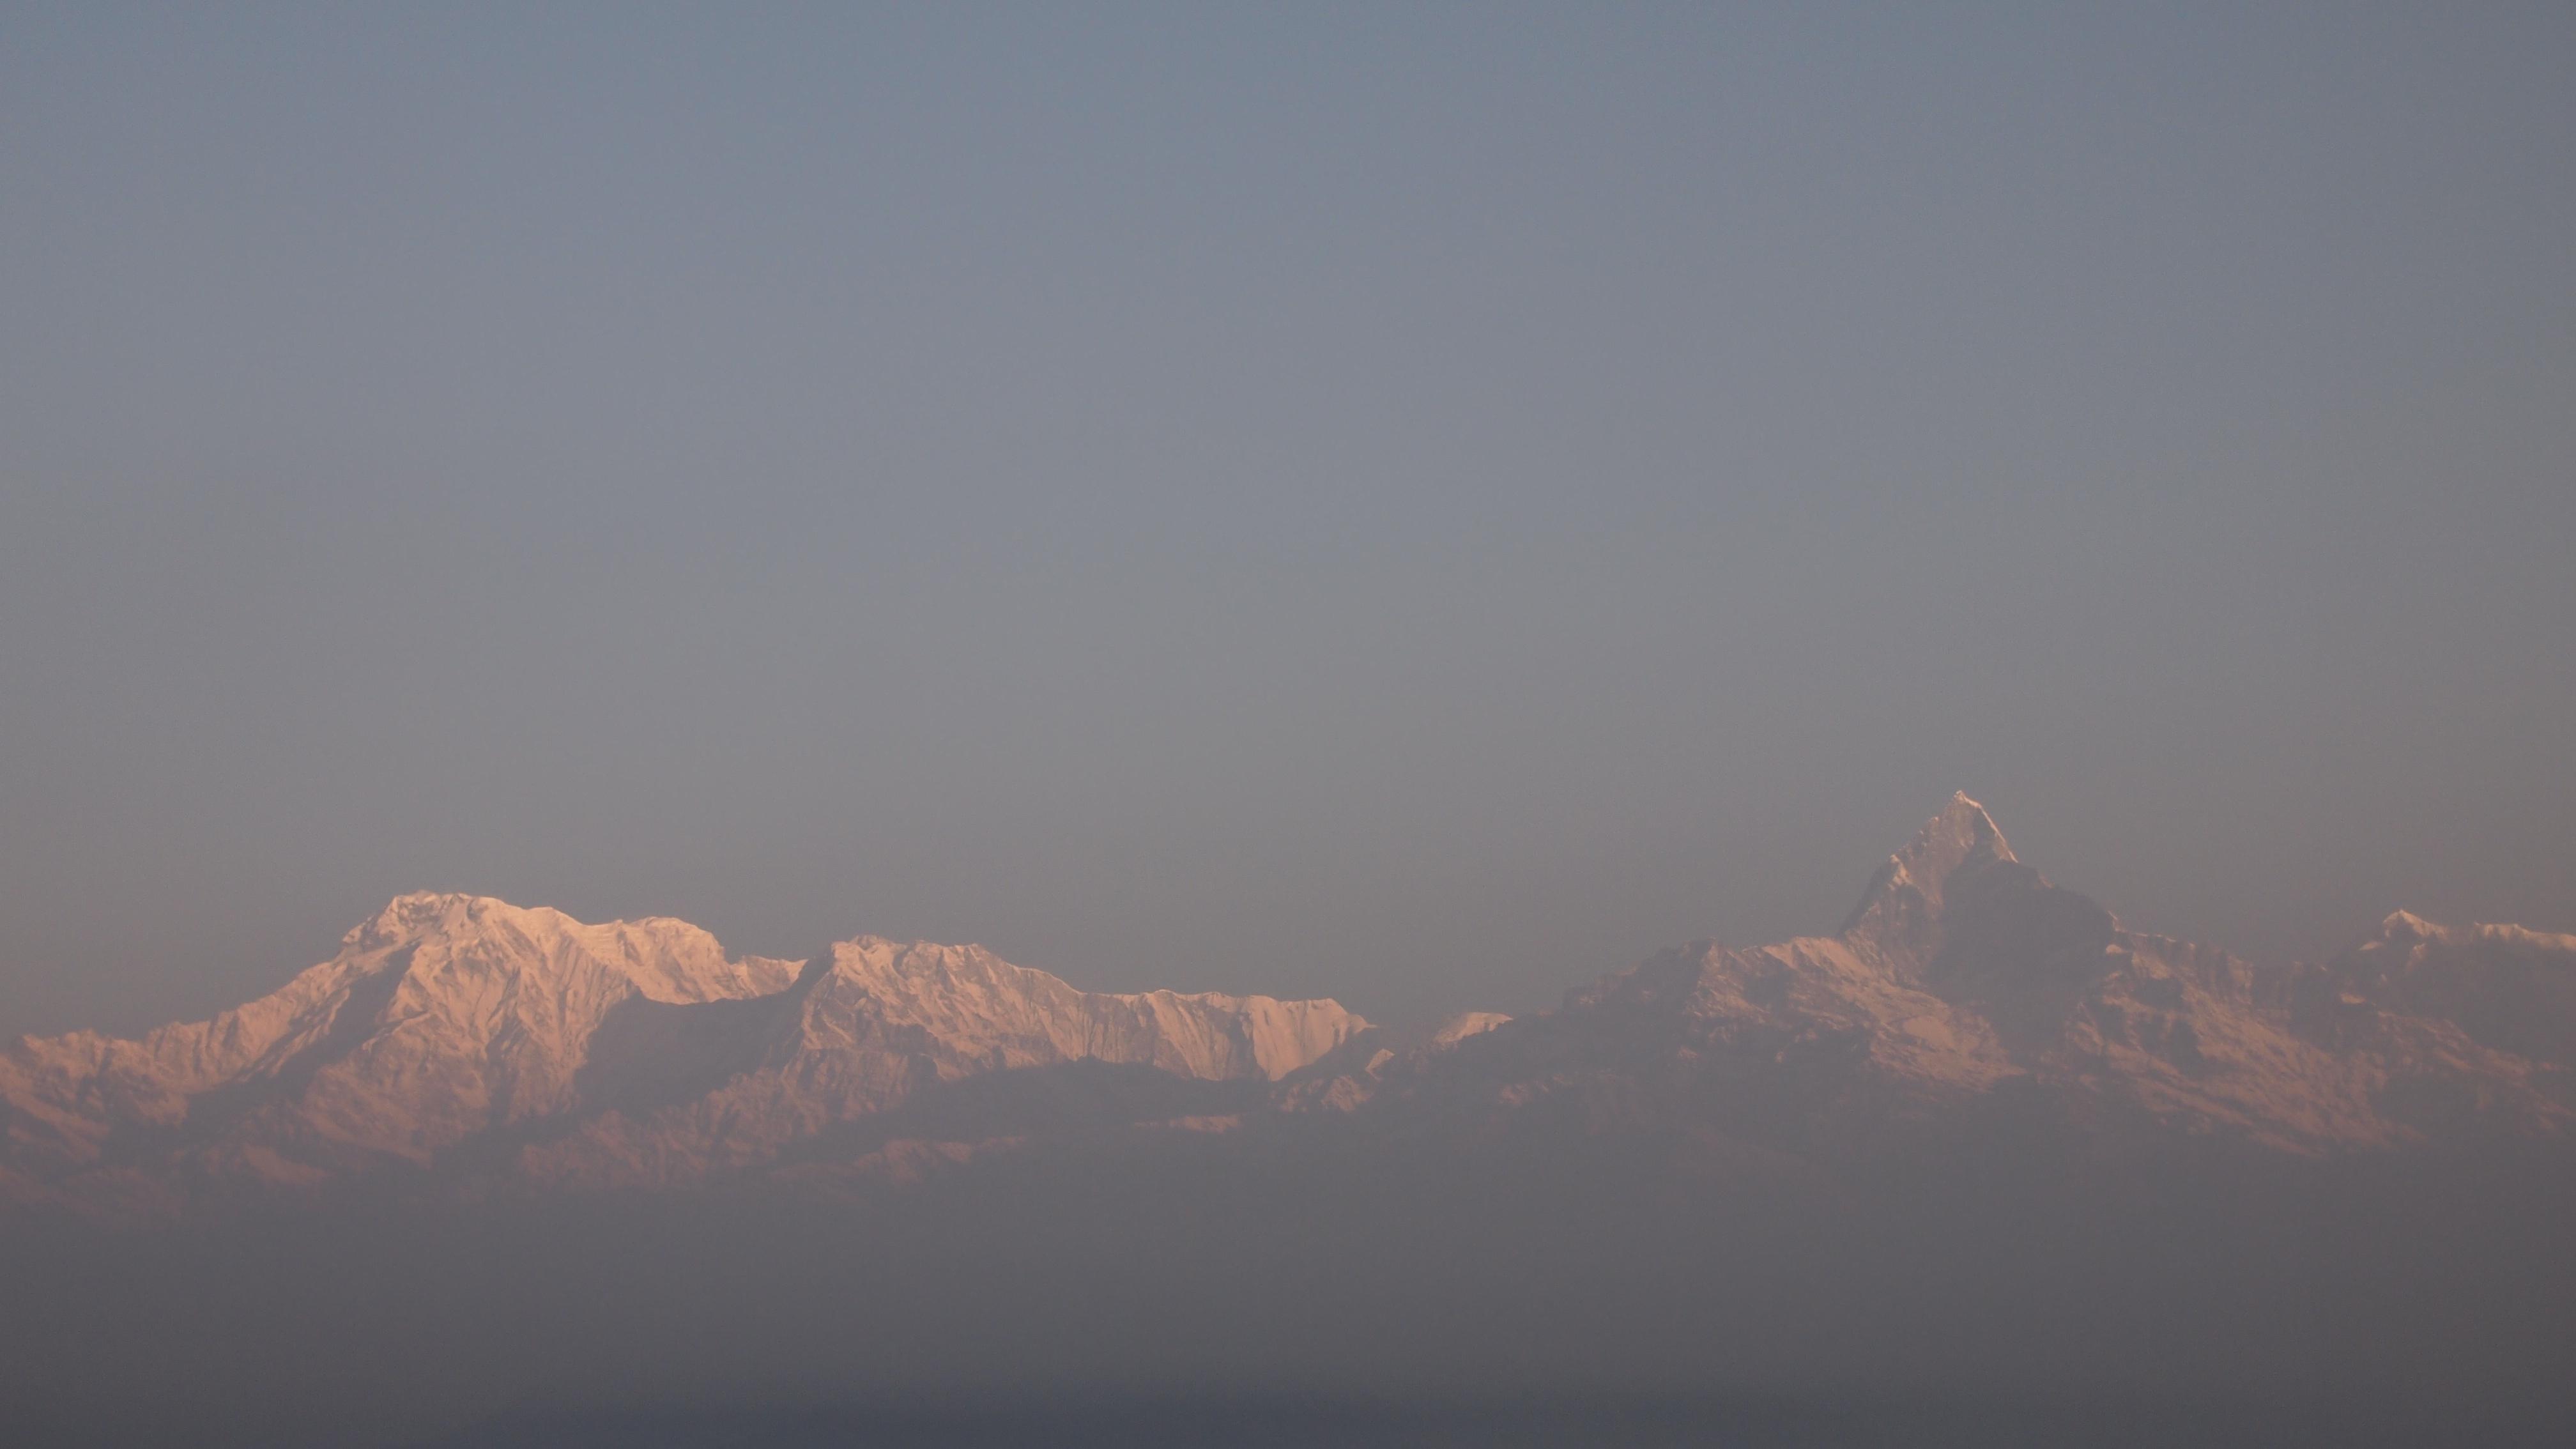 朝のヒマラヤ山脈。